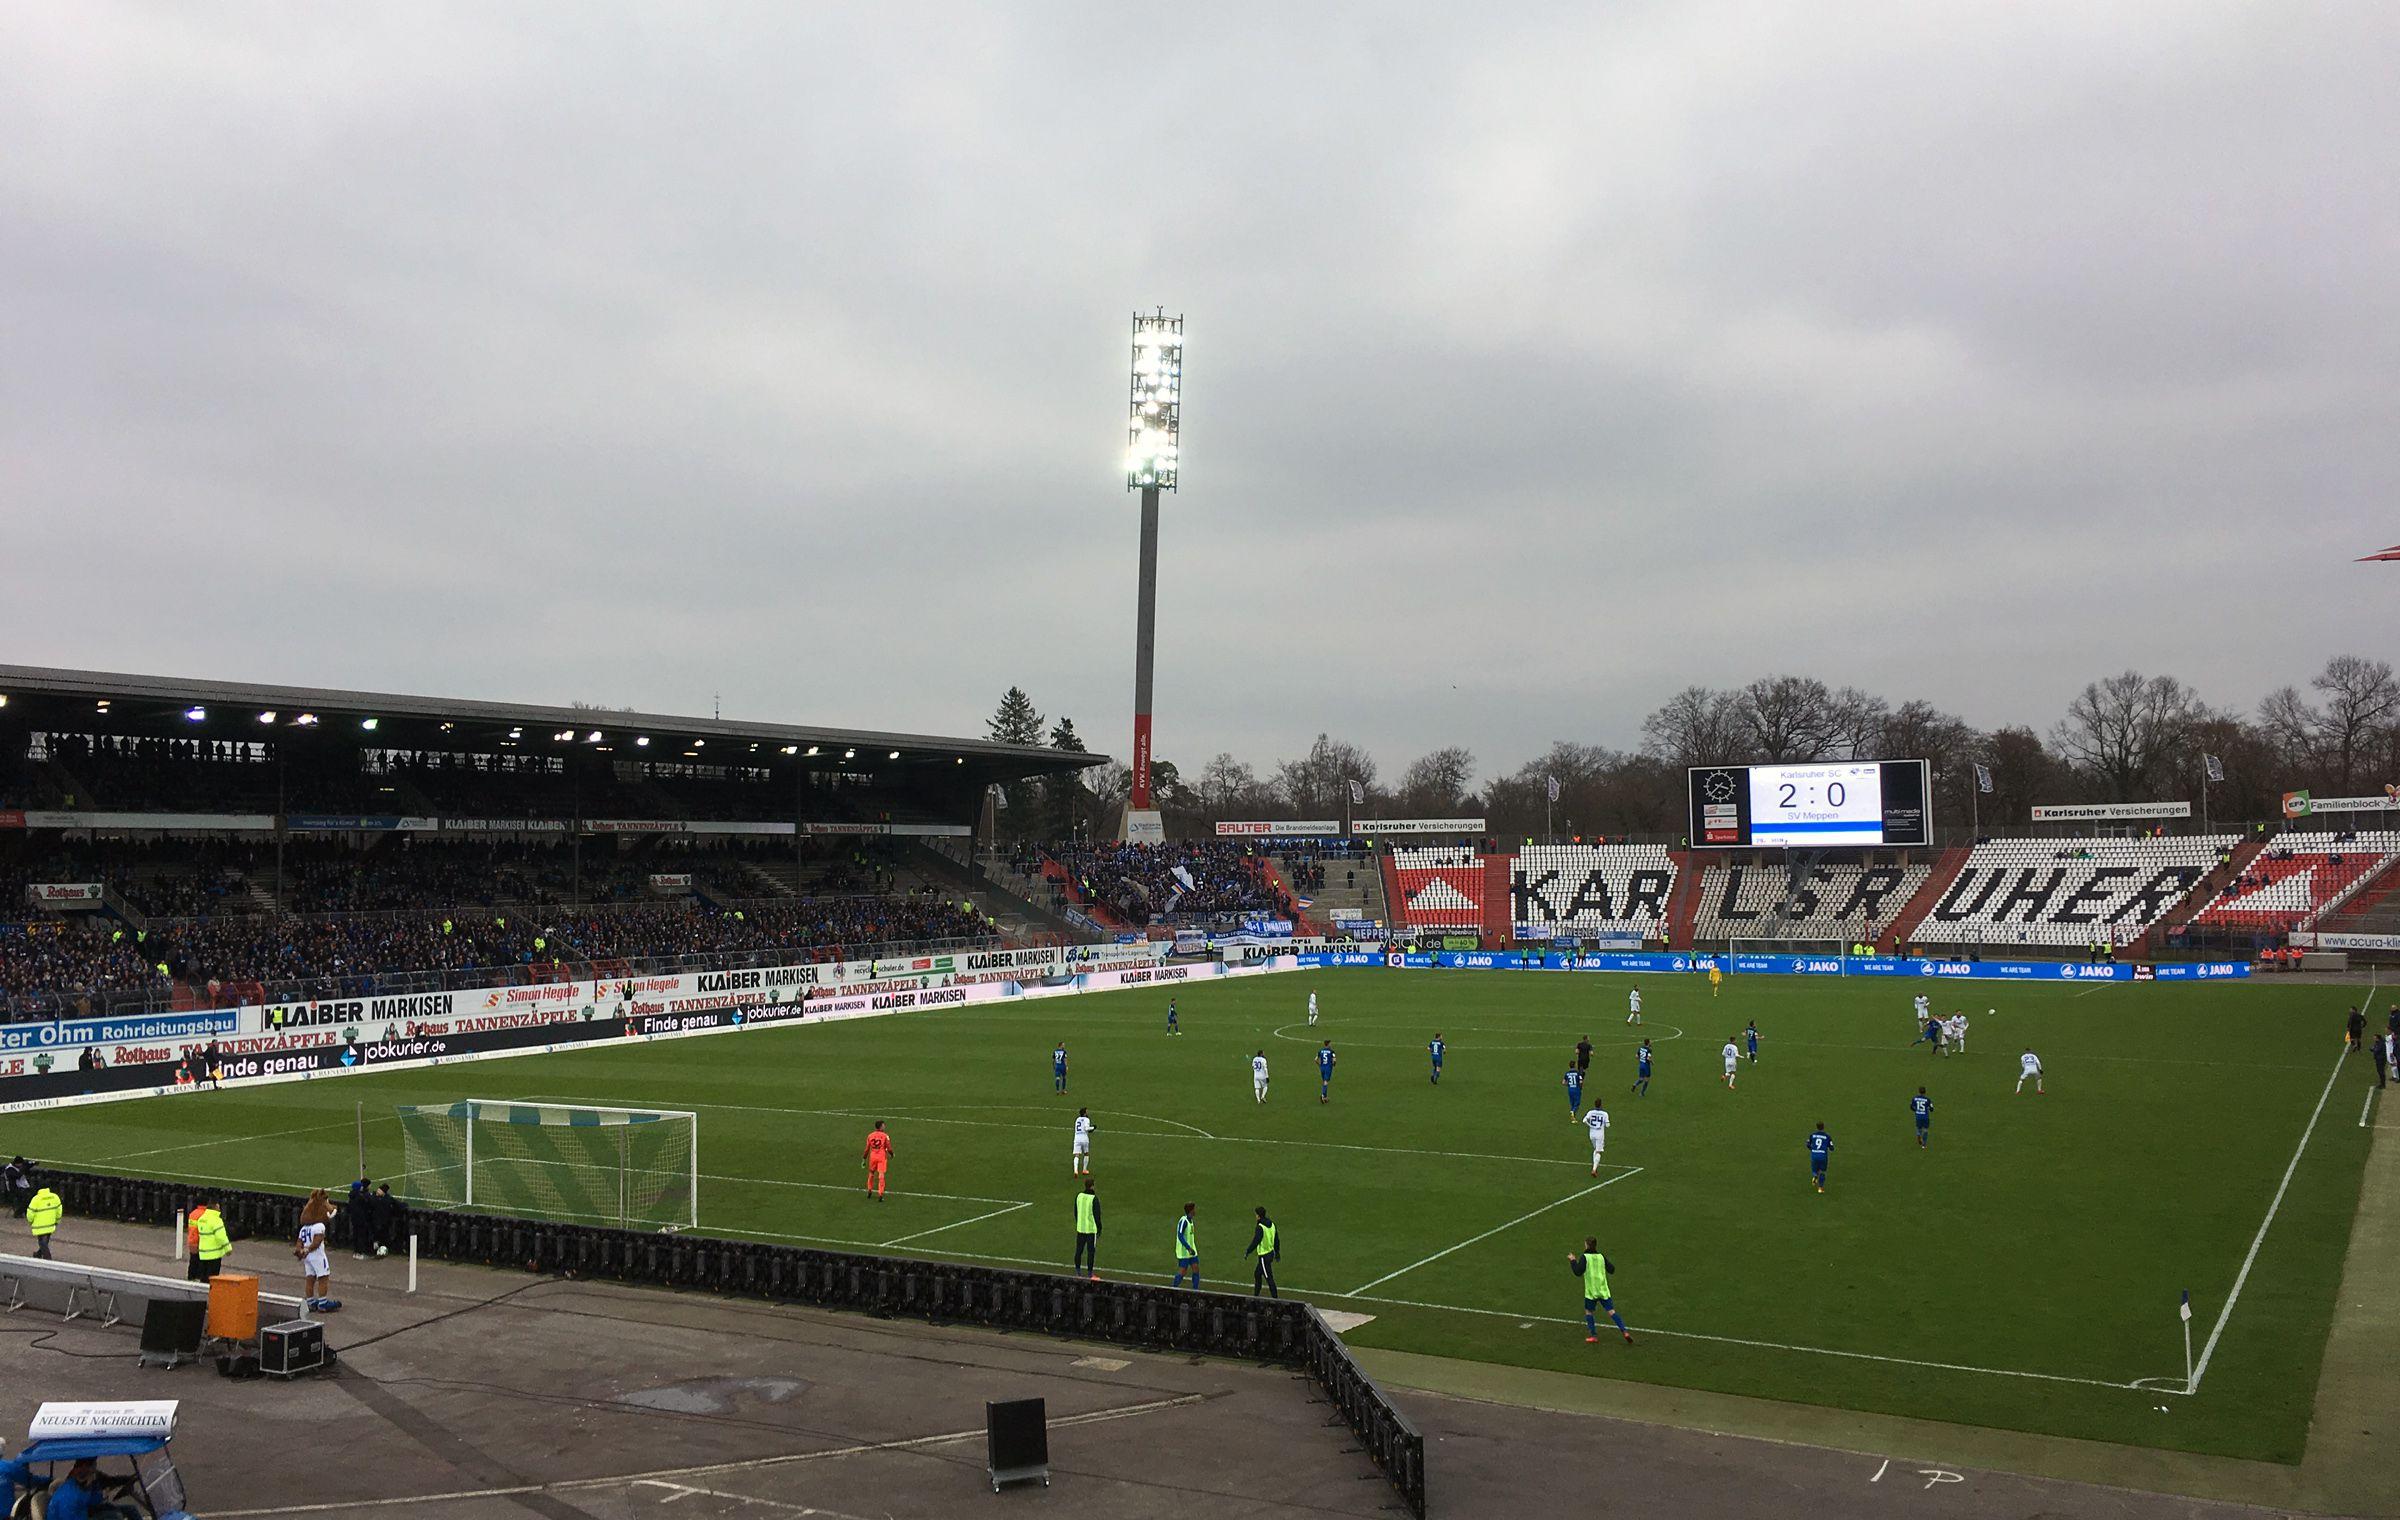 KSC vs SV Meppen 2:0